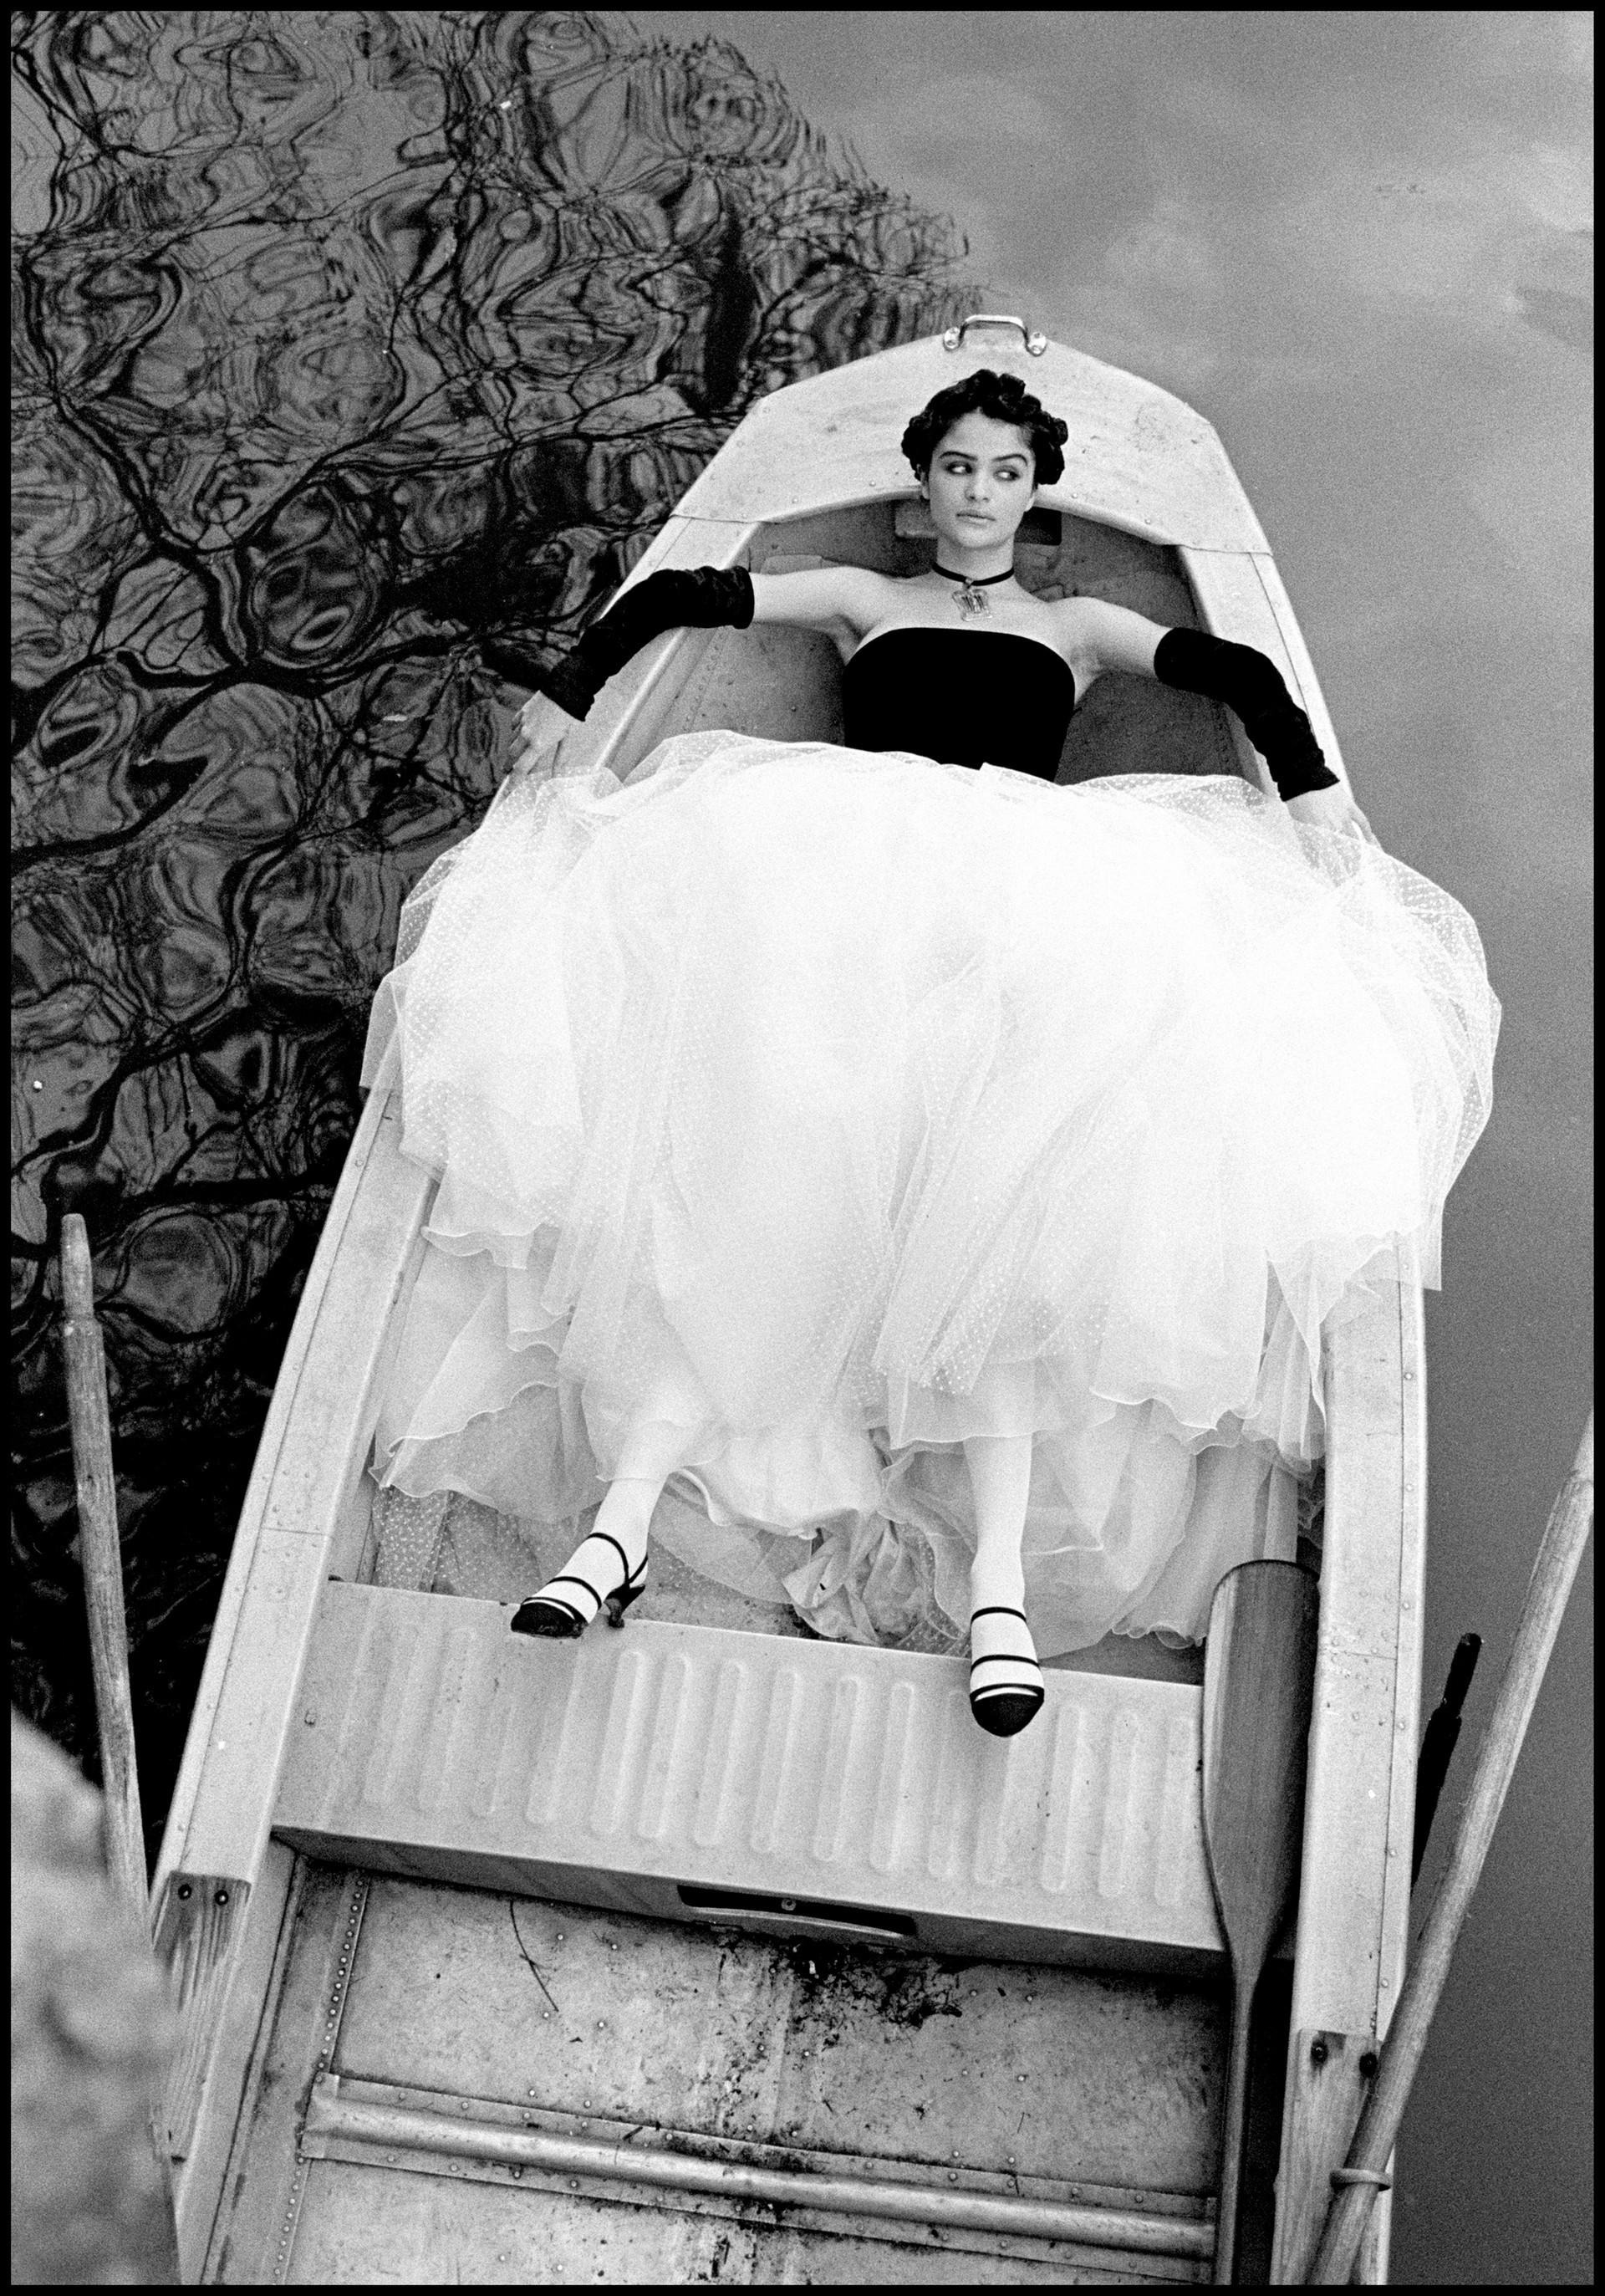 Супермодель Хелена Кристенсен в лодке в Новом Орлеане, 1990. Автор Артур Элгорт